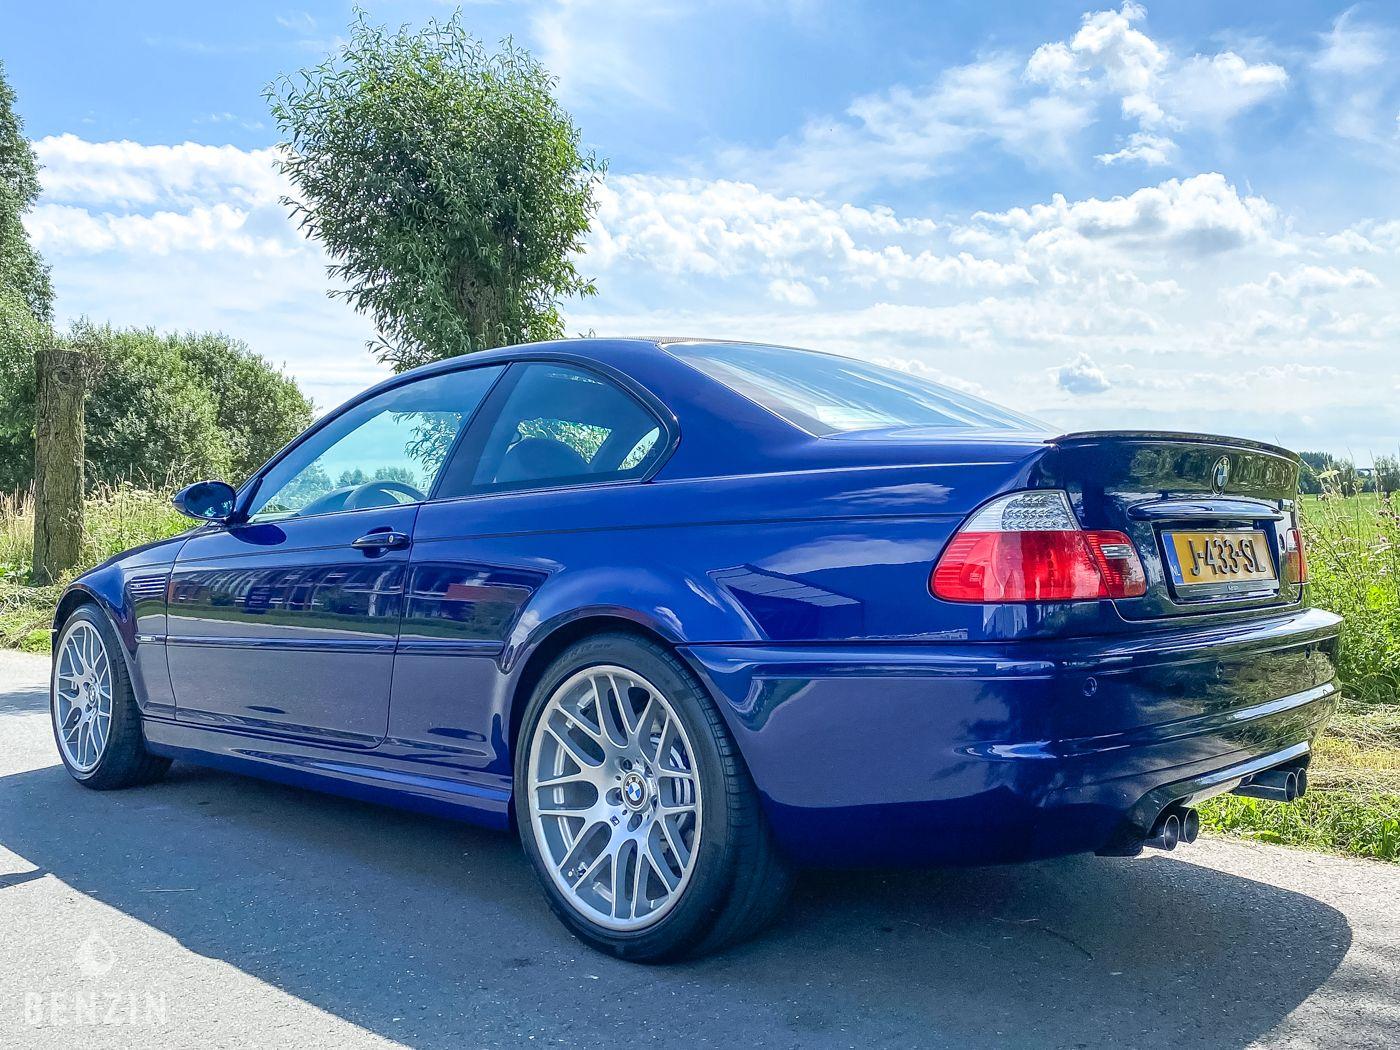 BMW M3 CS PACK COMPETITION E46 2005 A VENDRE OCCASION FOR SALE EN VENTA TE KOOP EN VENDITA SU VERKAUFEN